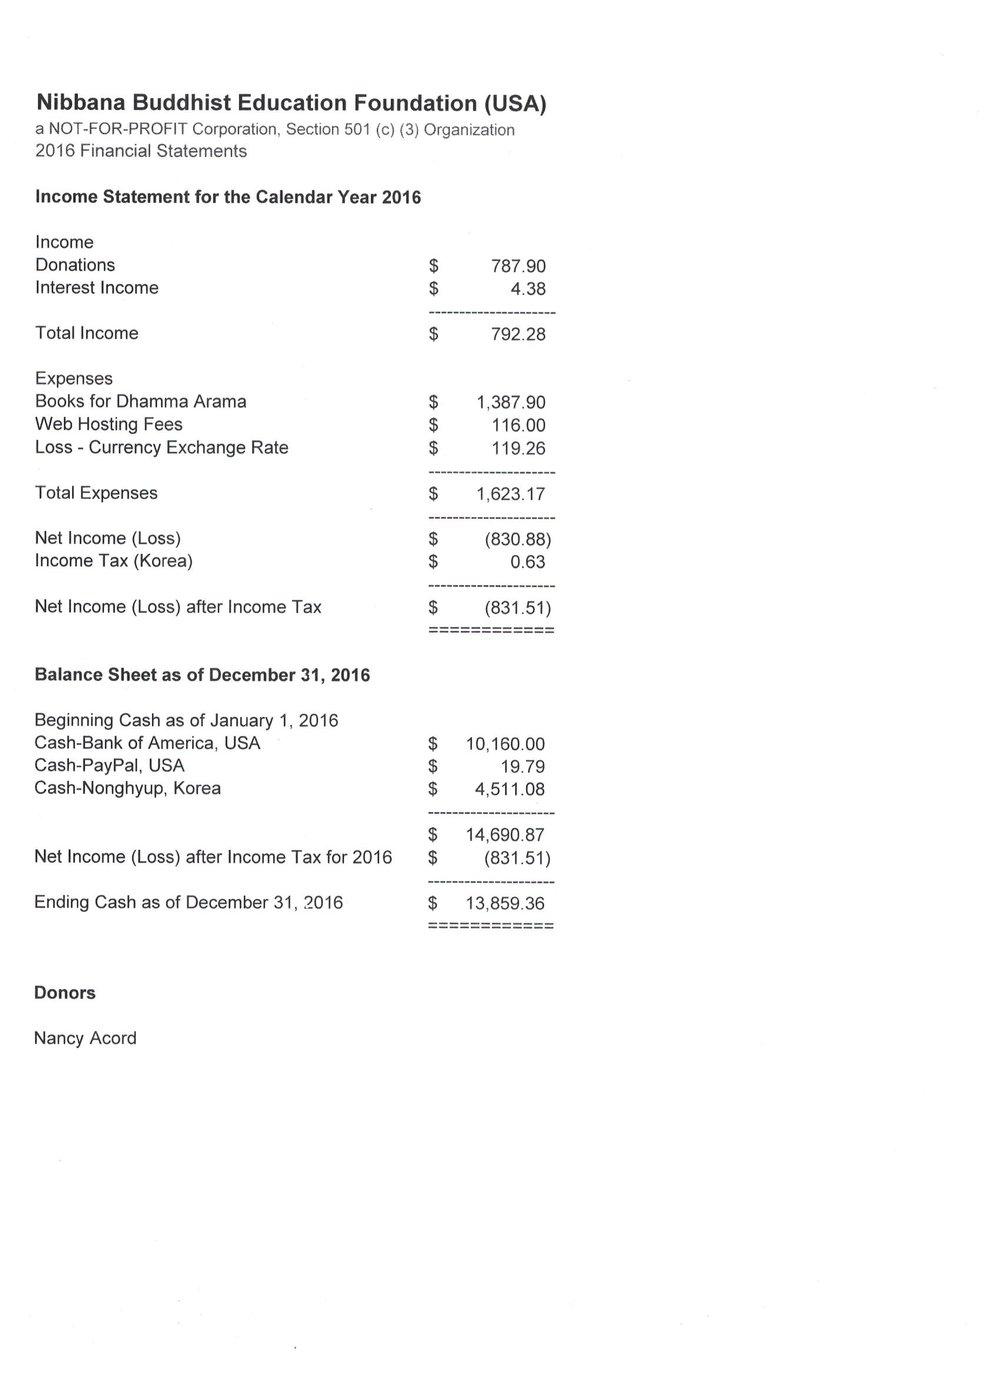 NBEF 2016 Financial Statements (1).jpg